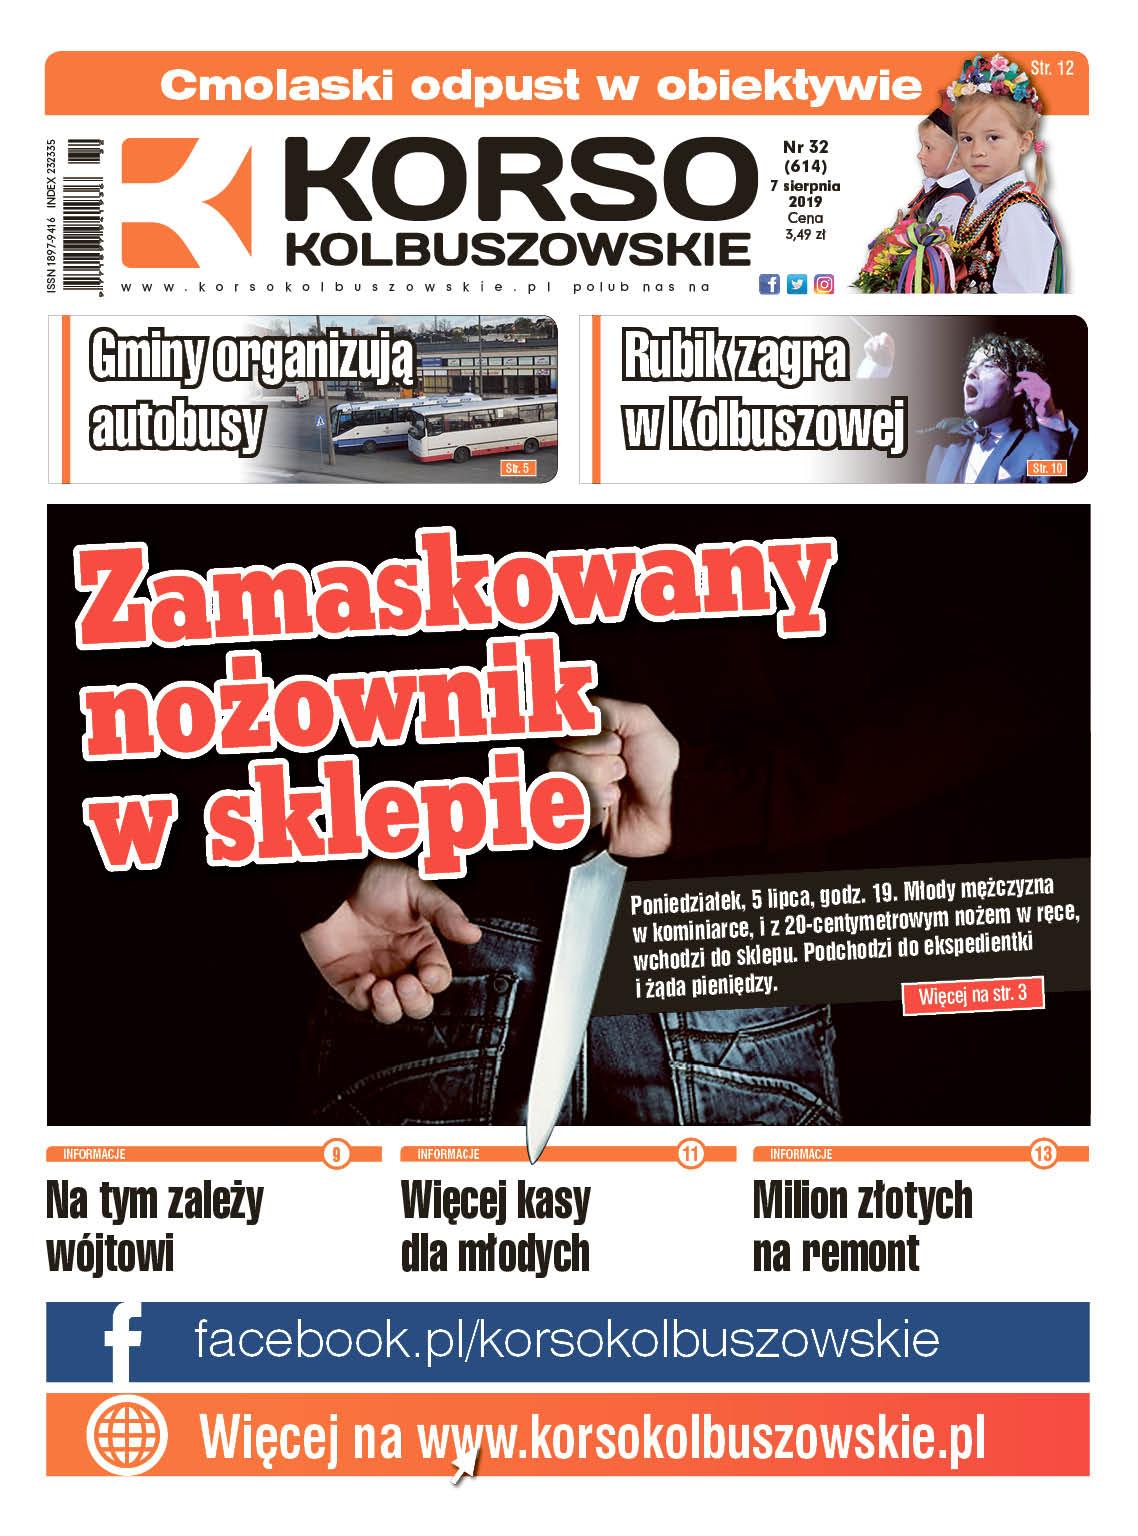 Korso Kolbuszowskie - nr 32/2019 - Zdjęcie główne